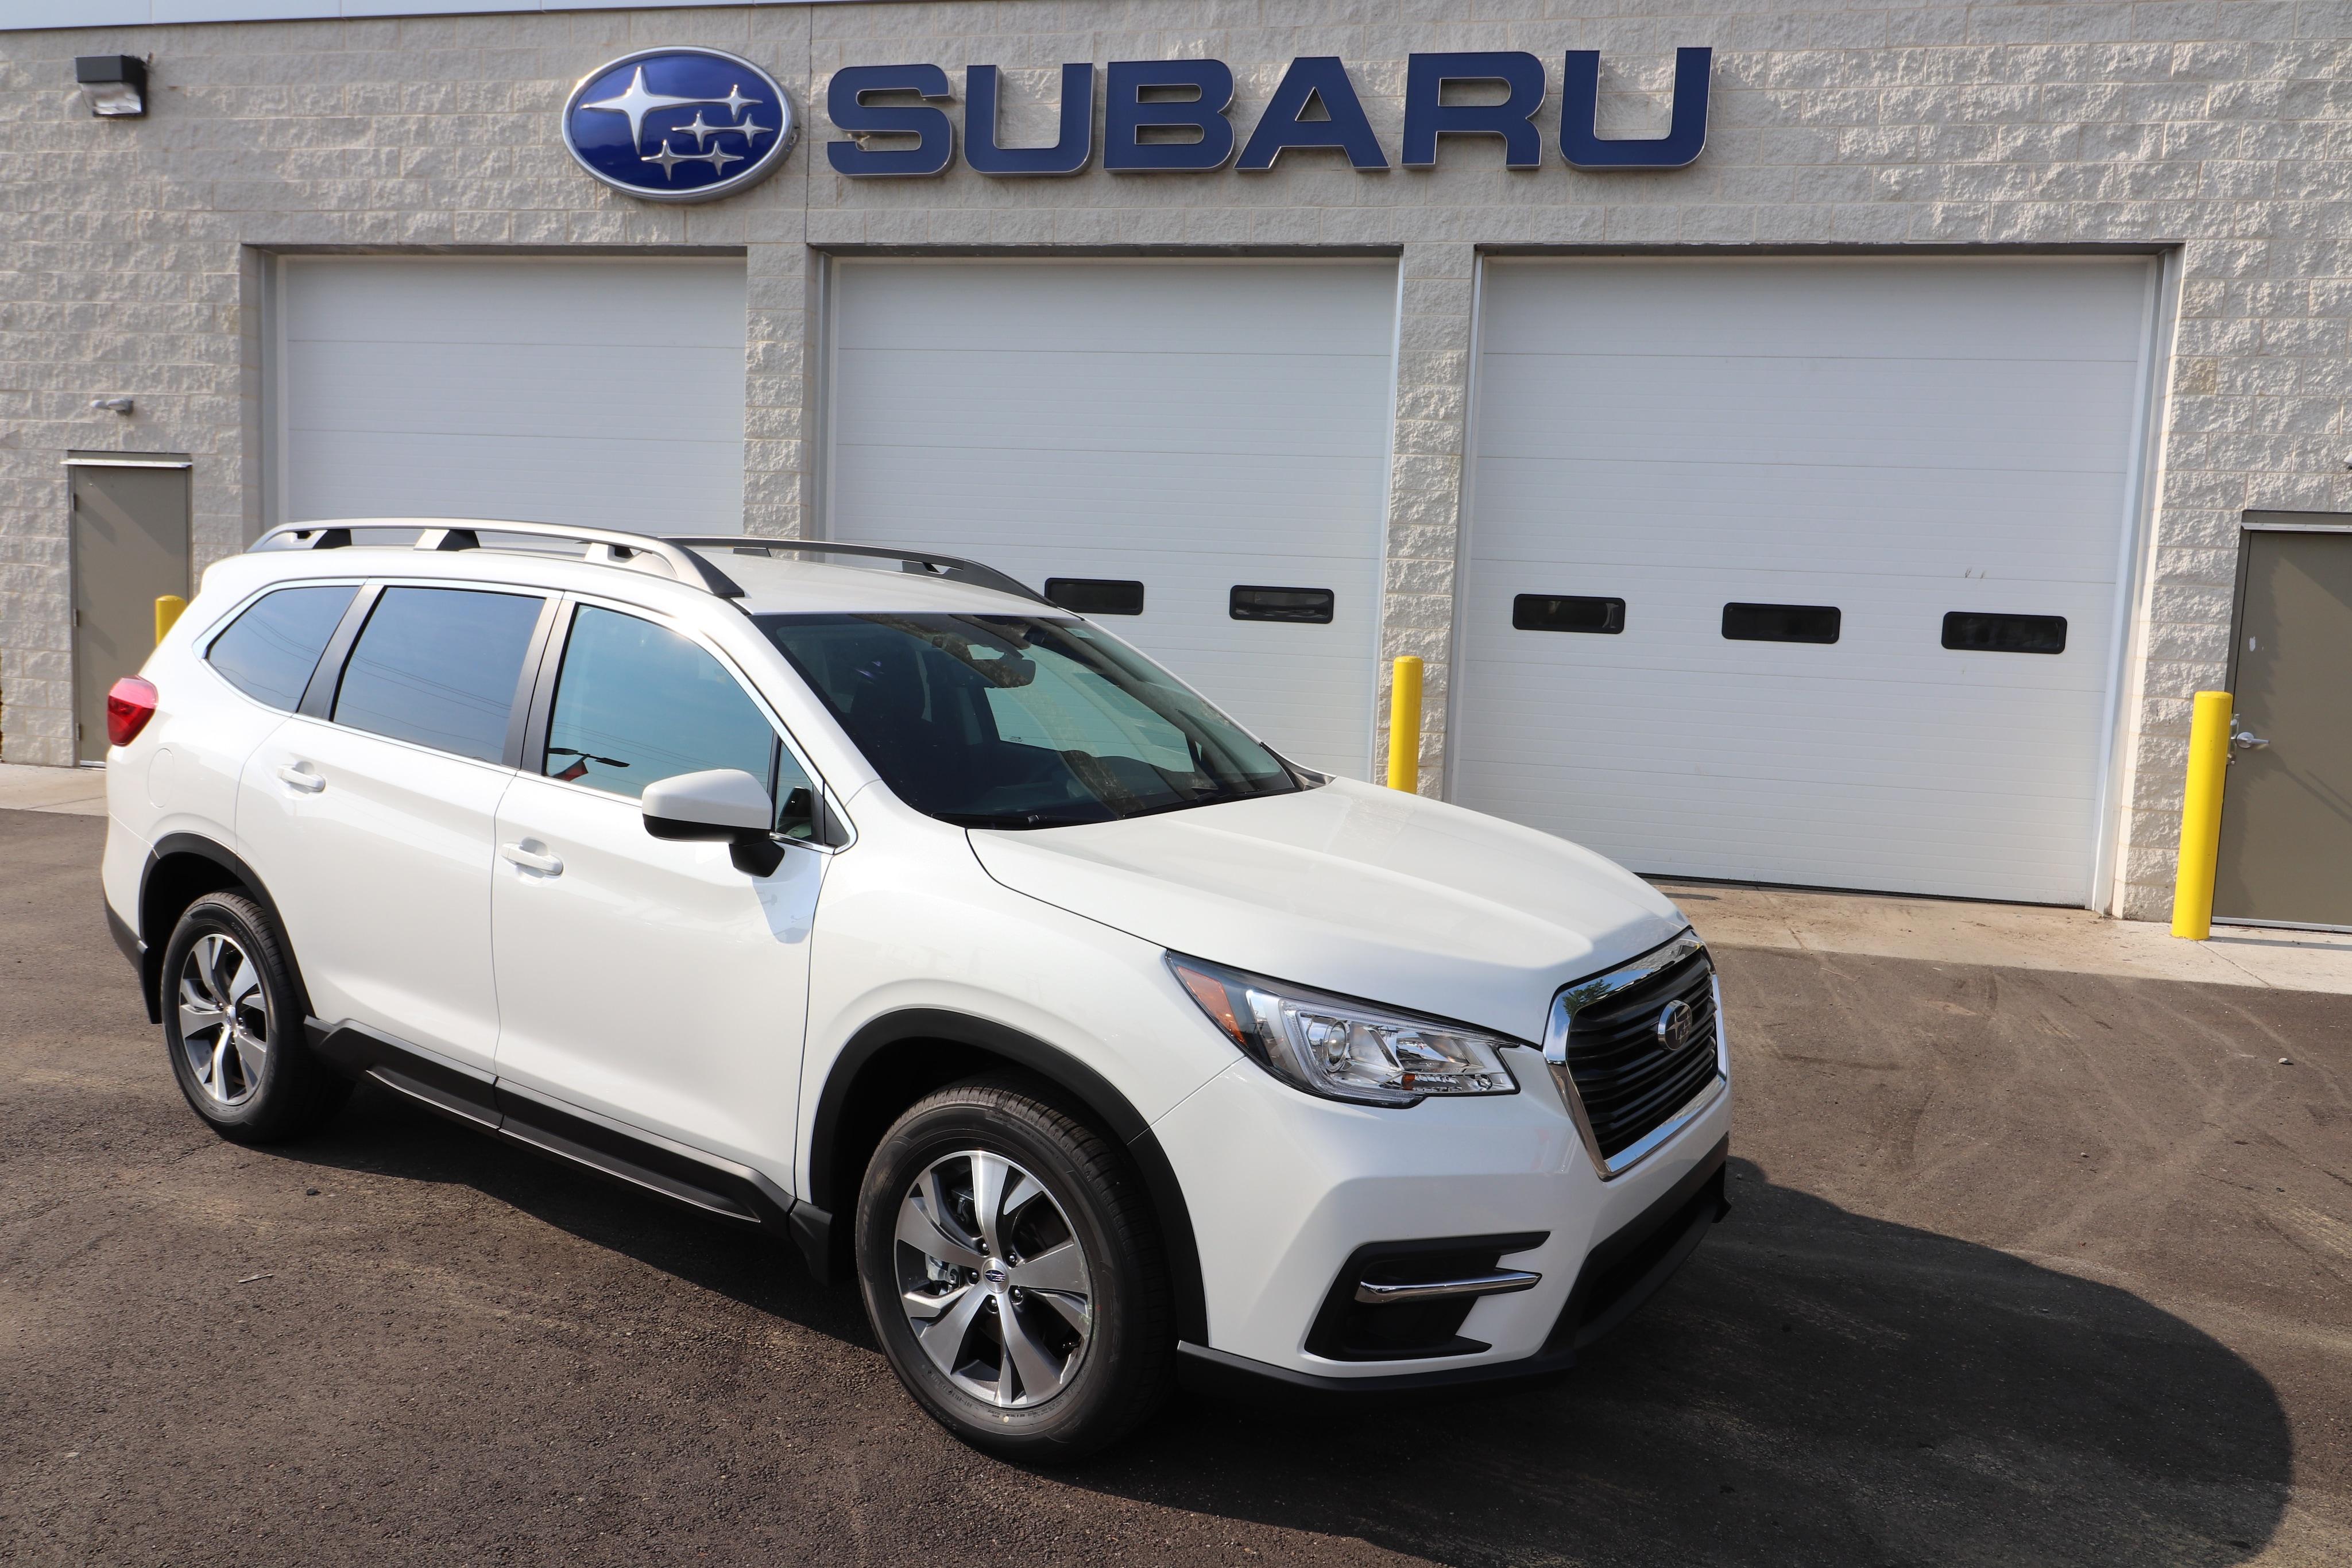 Cleveland Auto Show 2020.2019 Cleveland Auto Show Preview Waikem Subaru